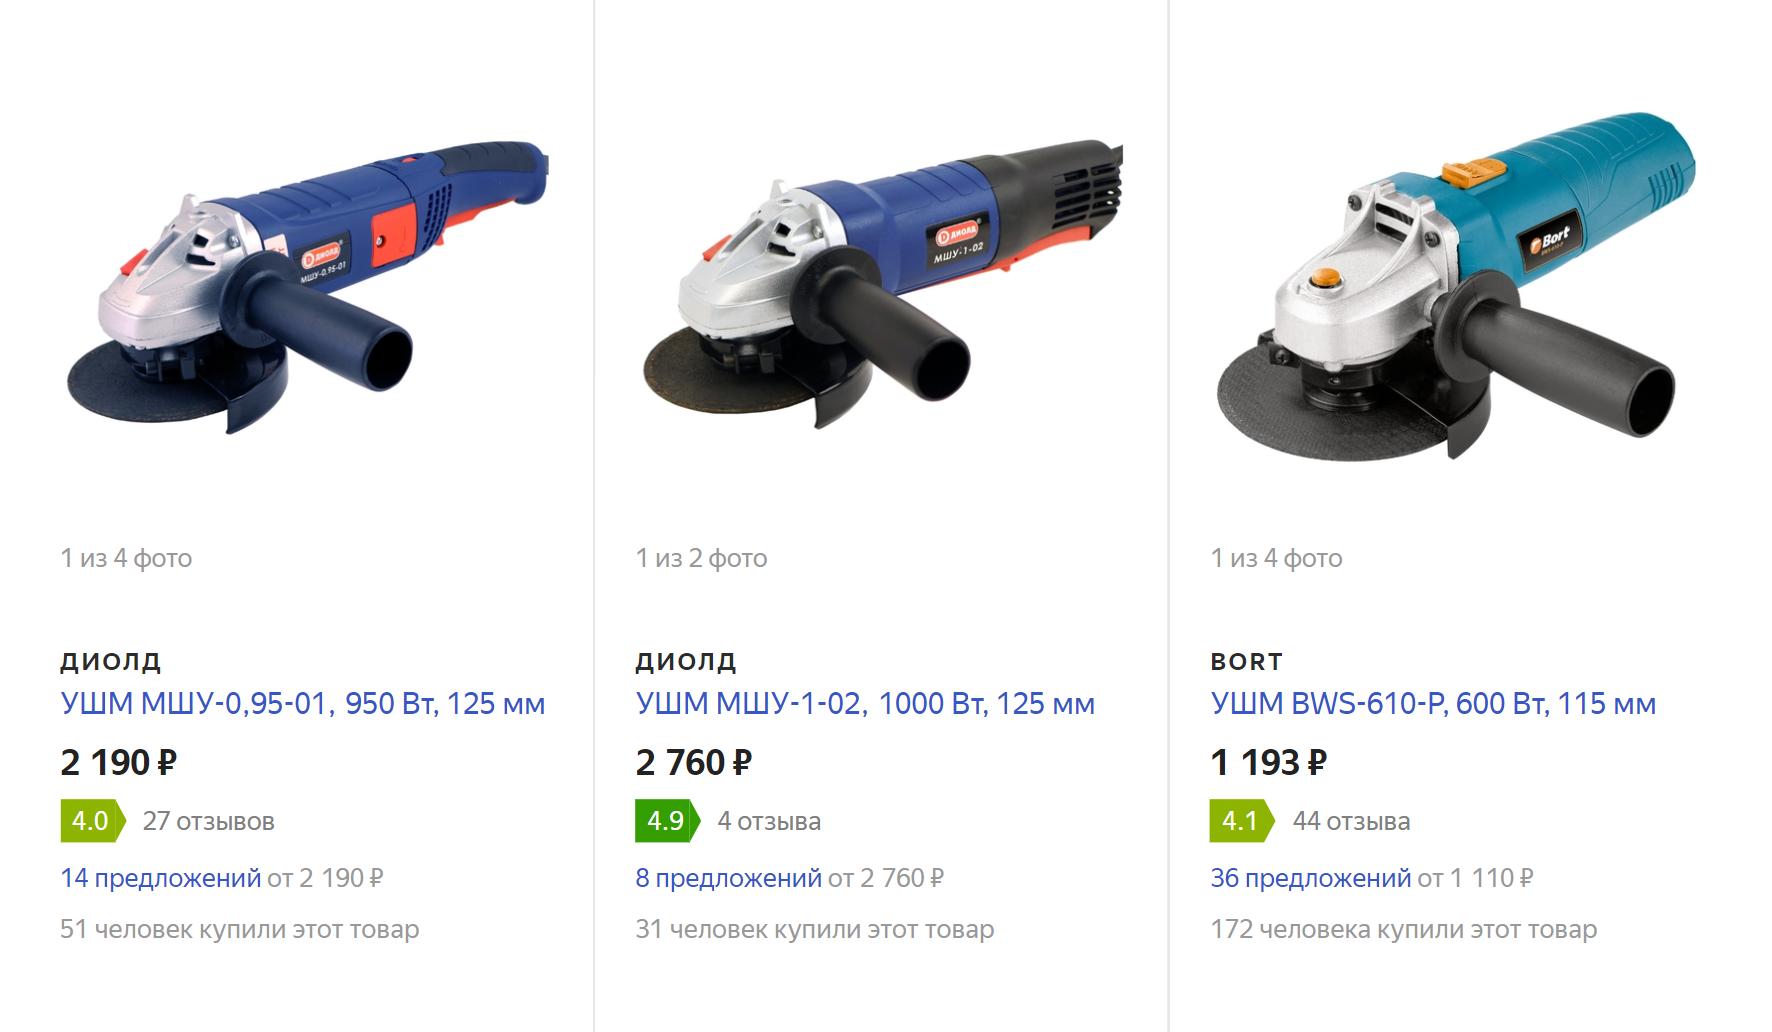 На «Яндекс-маркете» я видел болгарки от 1193<span class=ruble>Р</span>, но&nbsp;покупать не&nbsp;стал. Если&nbsp;бы у&nbsp;соседа такой не&nbsp;оказалось, купил&nbsp;бы обычную пилку по&nbsp;металлу: для&nbsp;новичка она безопаснее